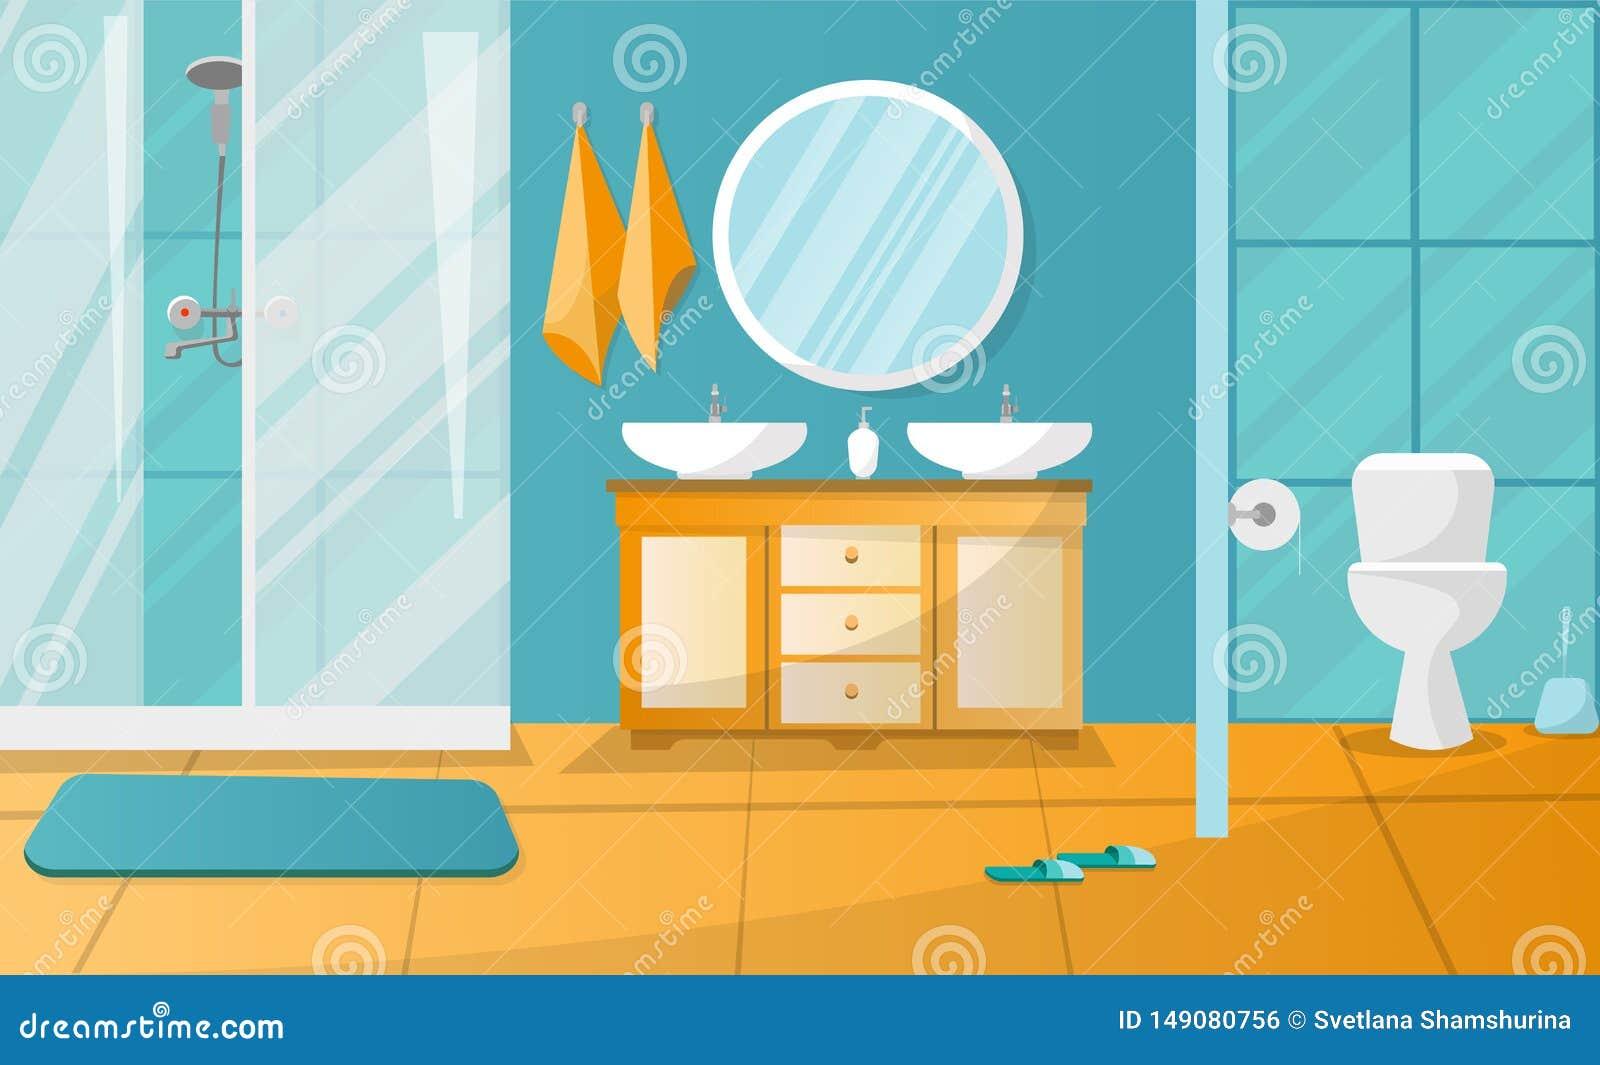 Modern badruminre med duschkabinen Badrumm?blemang - st?llningen med tv? vaskar, handdukar, v?tsketv?l, roundl avspeglar, toalett